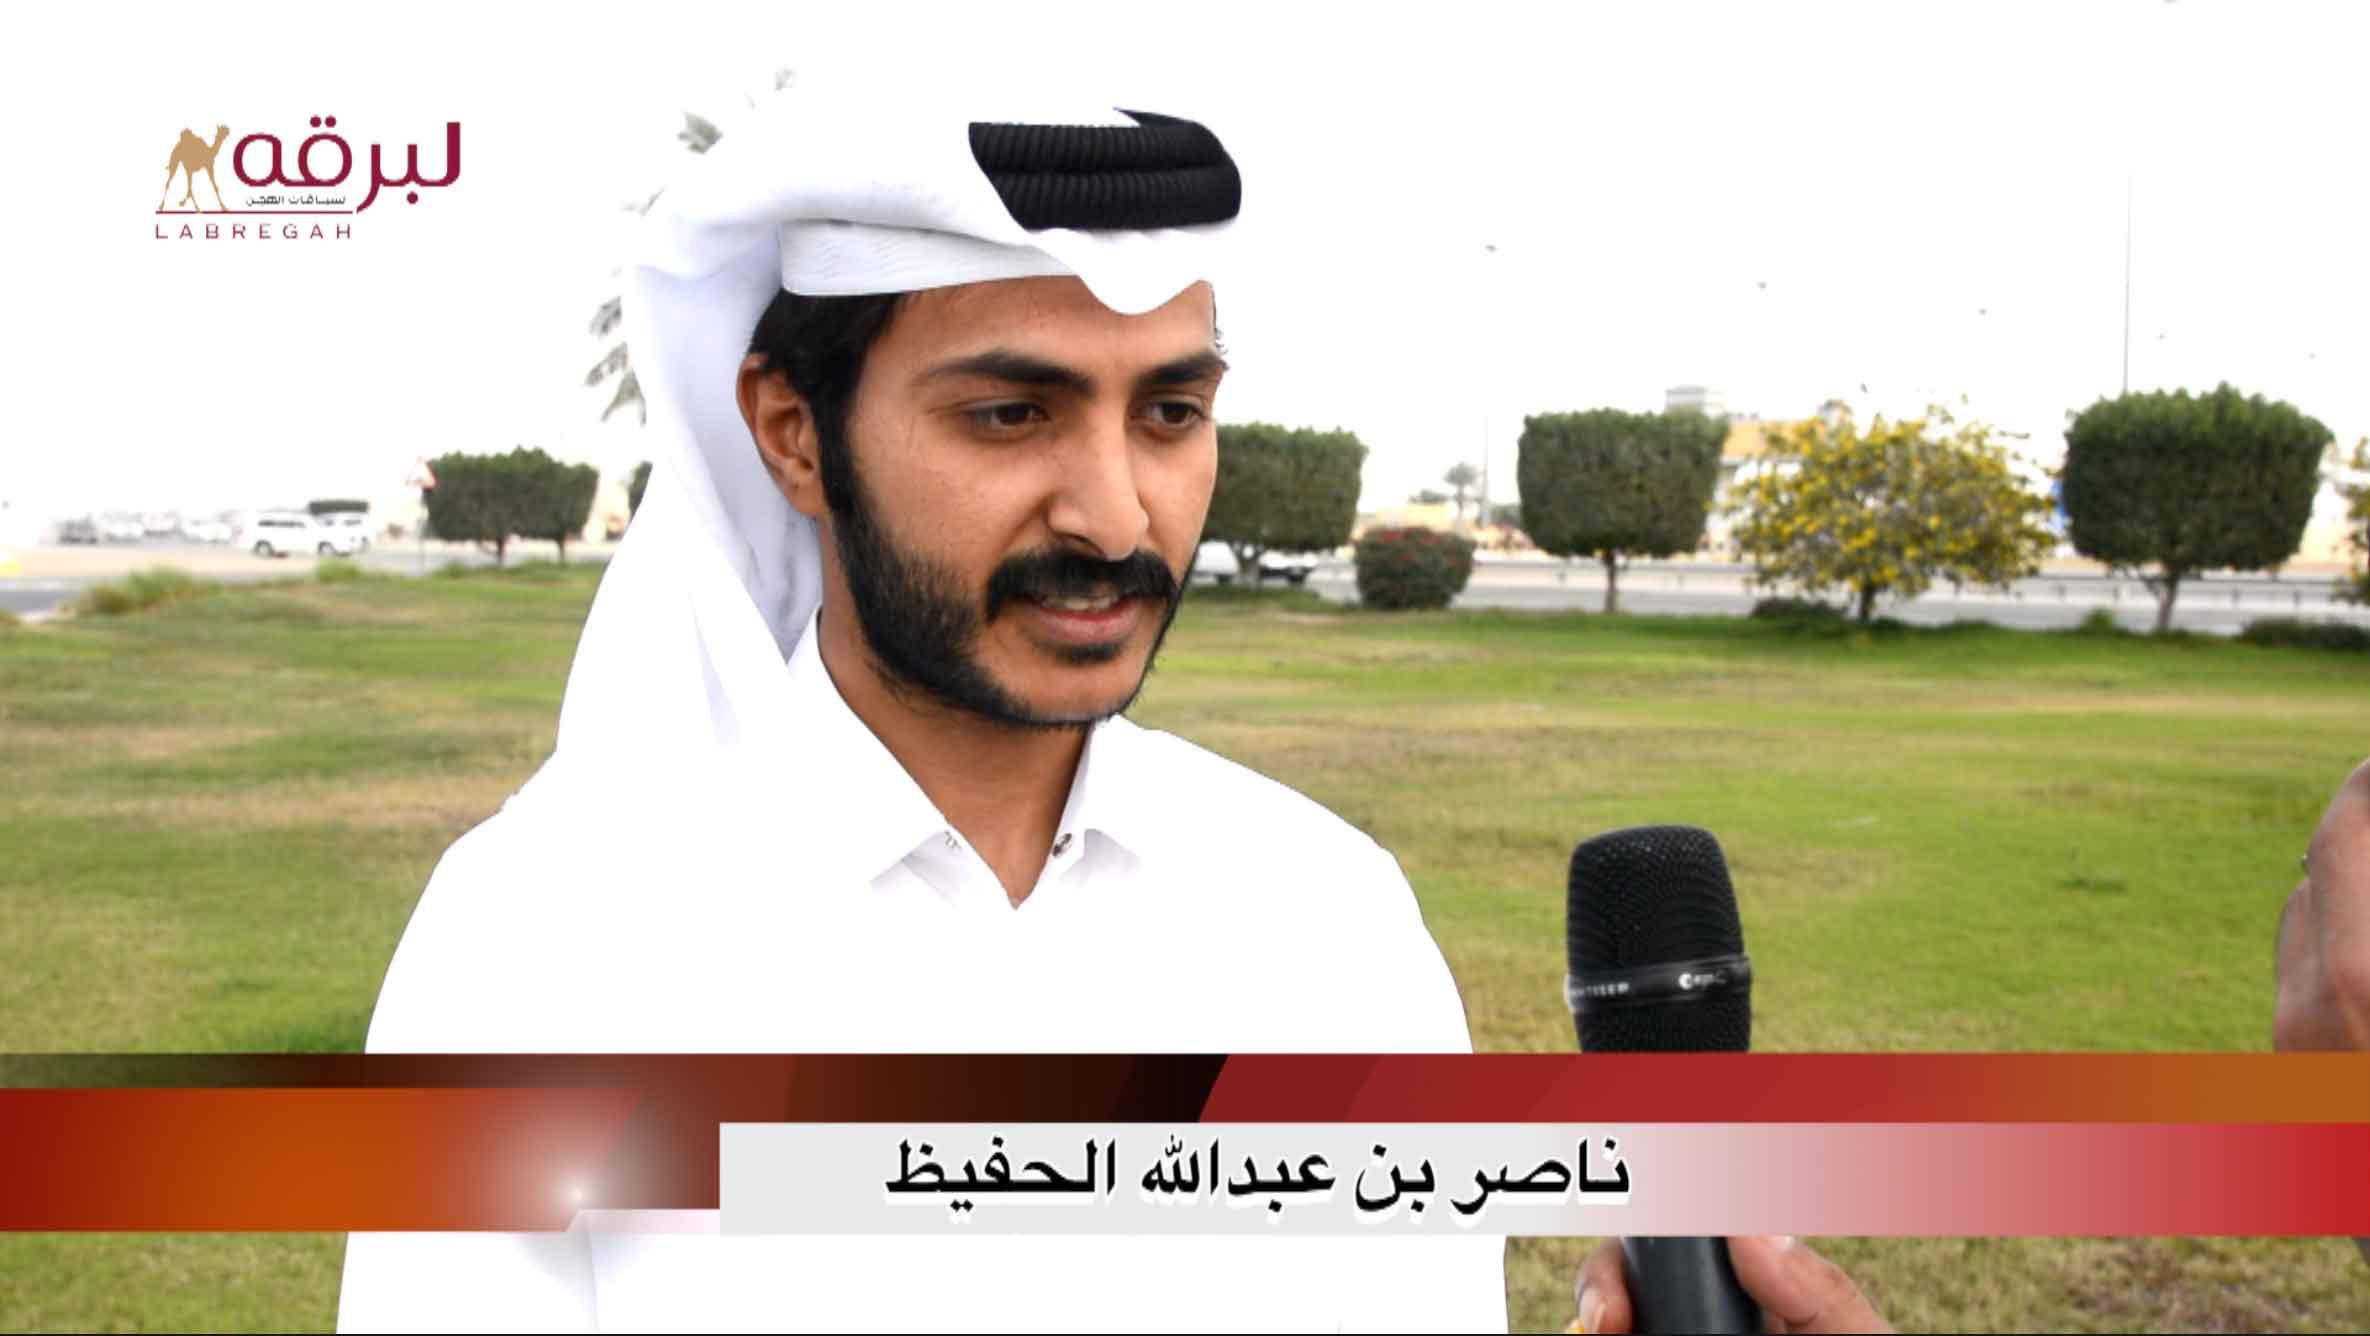 لقاء مع ناصر بن عبدالله الحفيظ.. الشوط الرئيسي ثنايا قعدان « إنتاج » الأشواط العامة  ١٨-٢-٢٠٢١